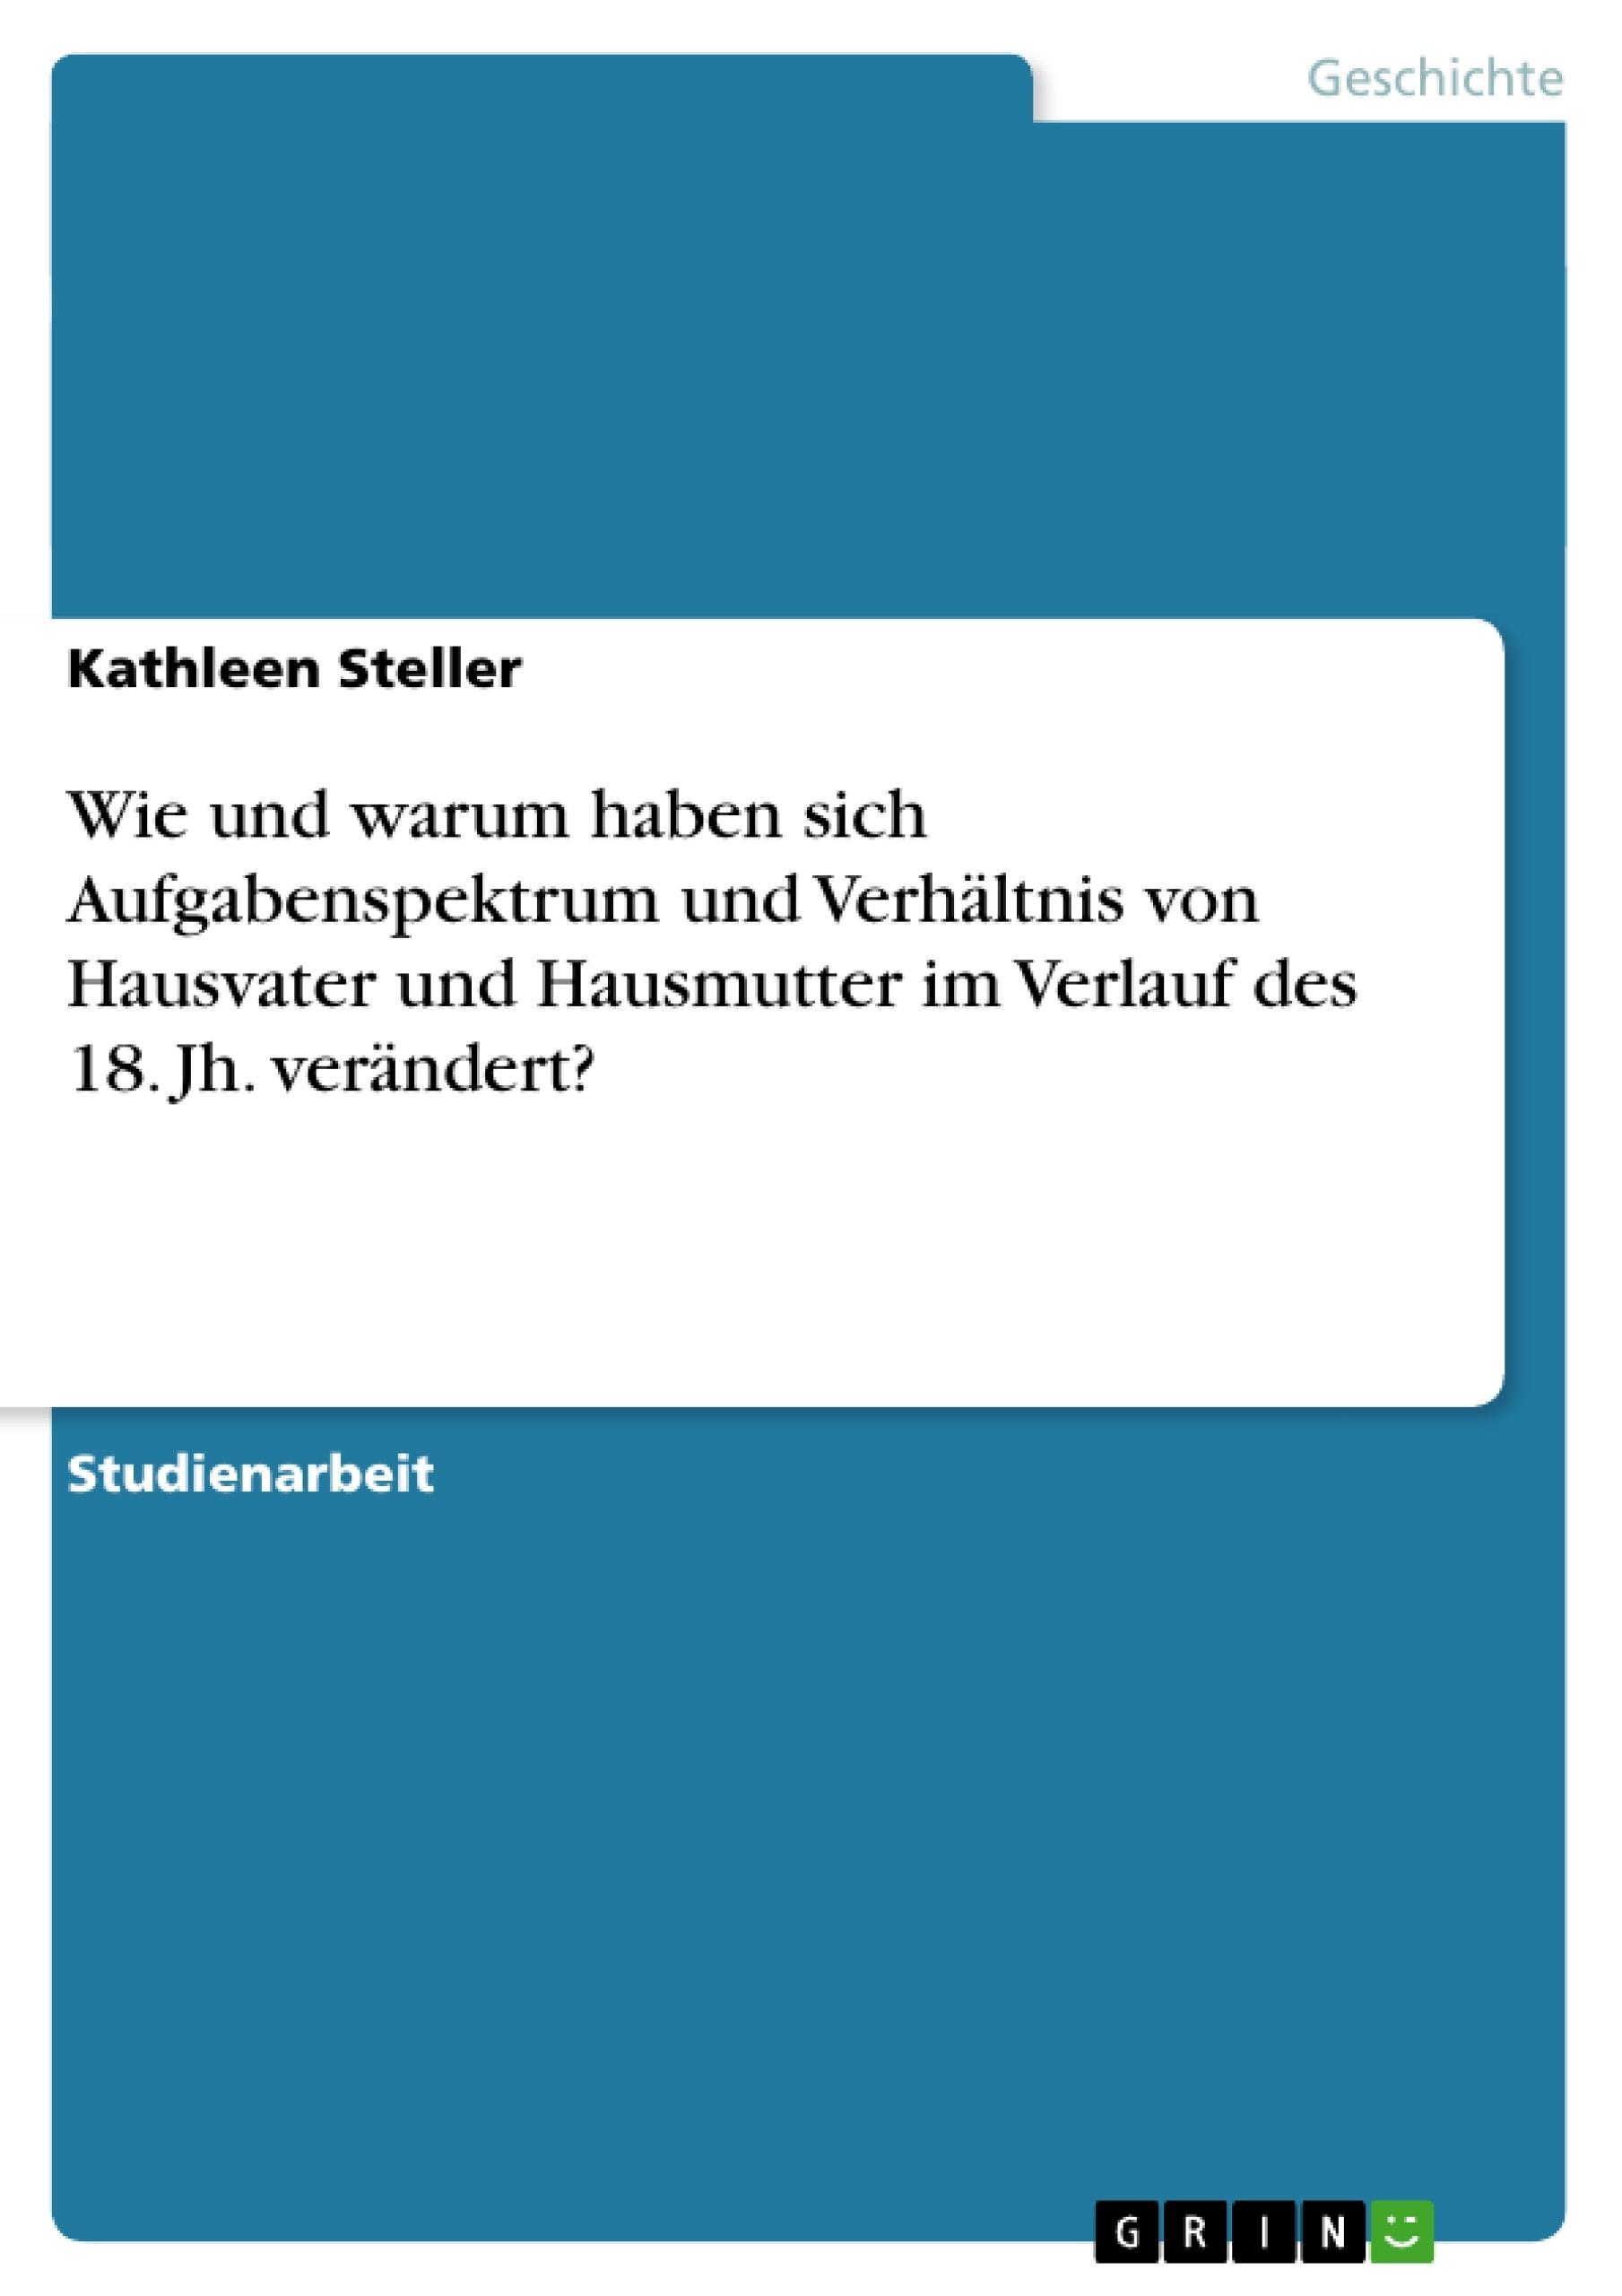 Titel: Wie und warum haben sich Aufgabenspektrum und Verhältnis von Hausvater und Hausmutter im Verlauf des 18. Jh. verändert?